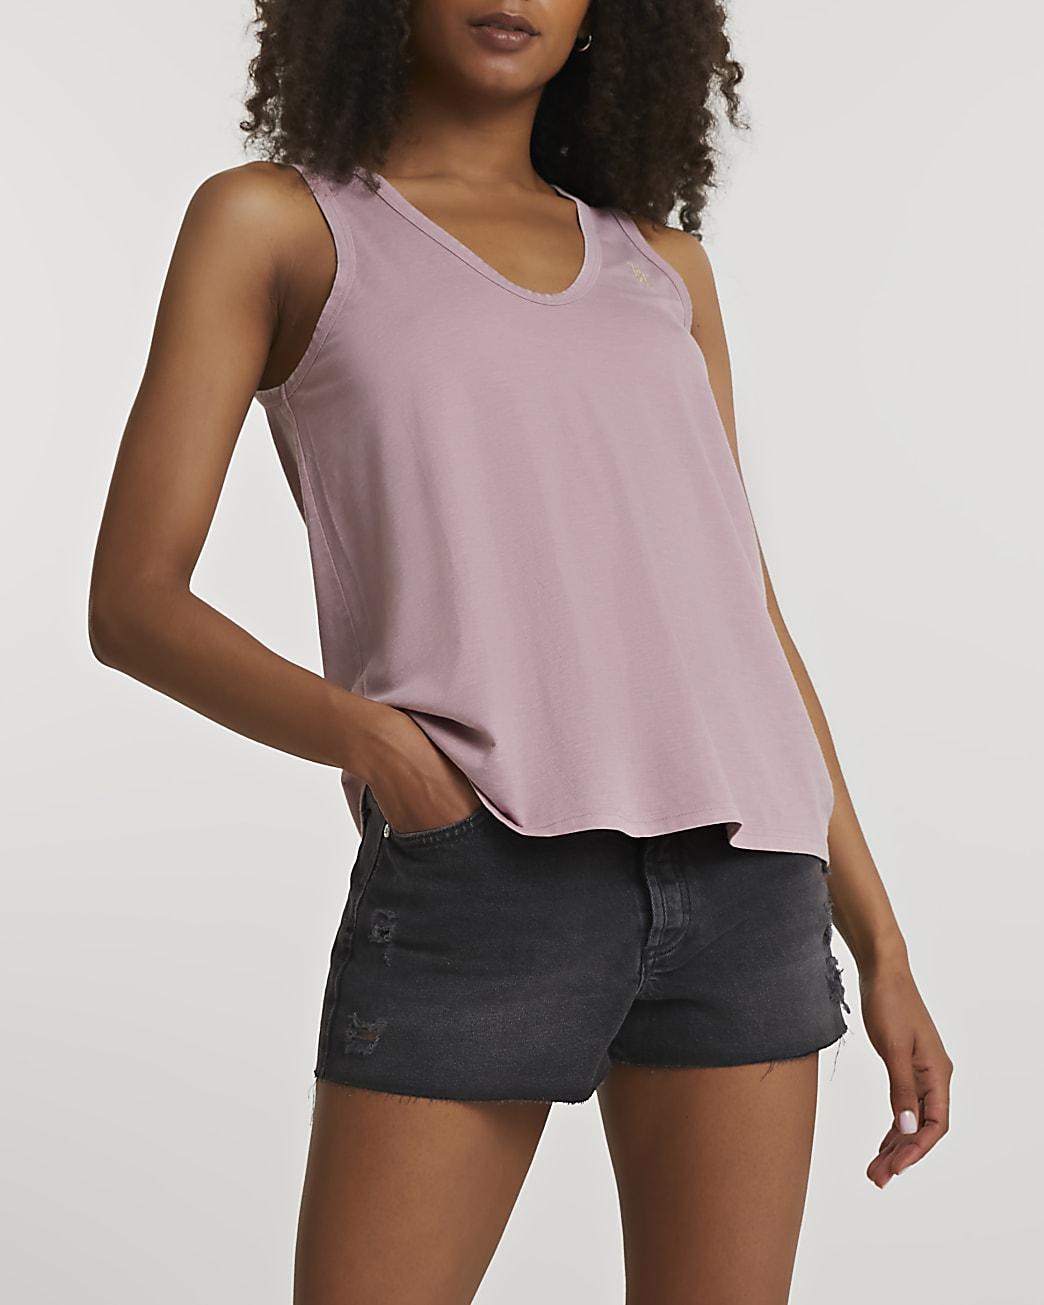 Pink v-neck tank top